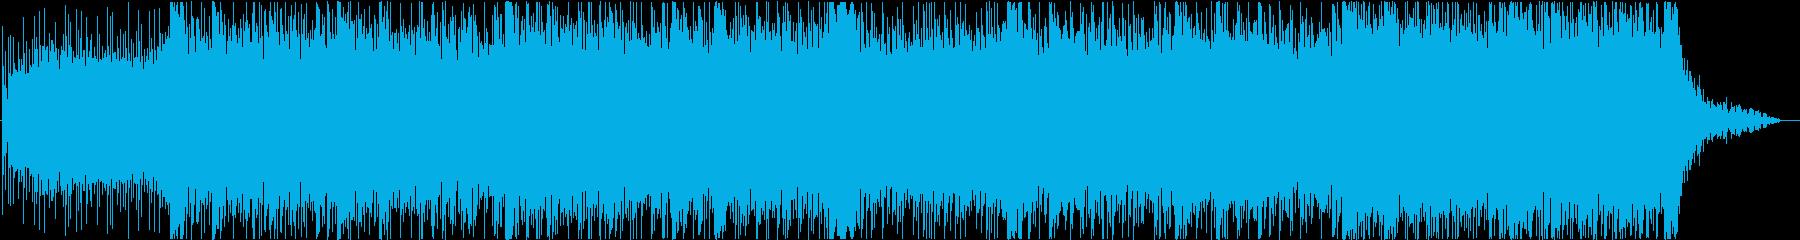 ダークで不思議な雰囲気のミステリー系劇伴の再生済みの波形